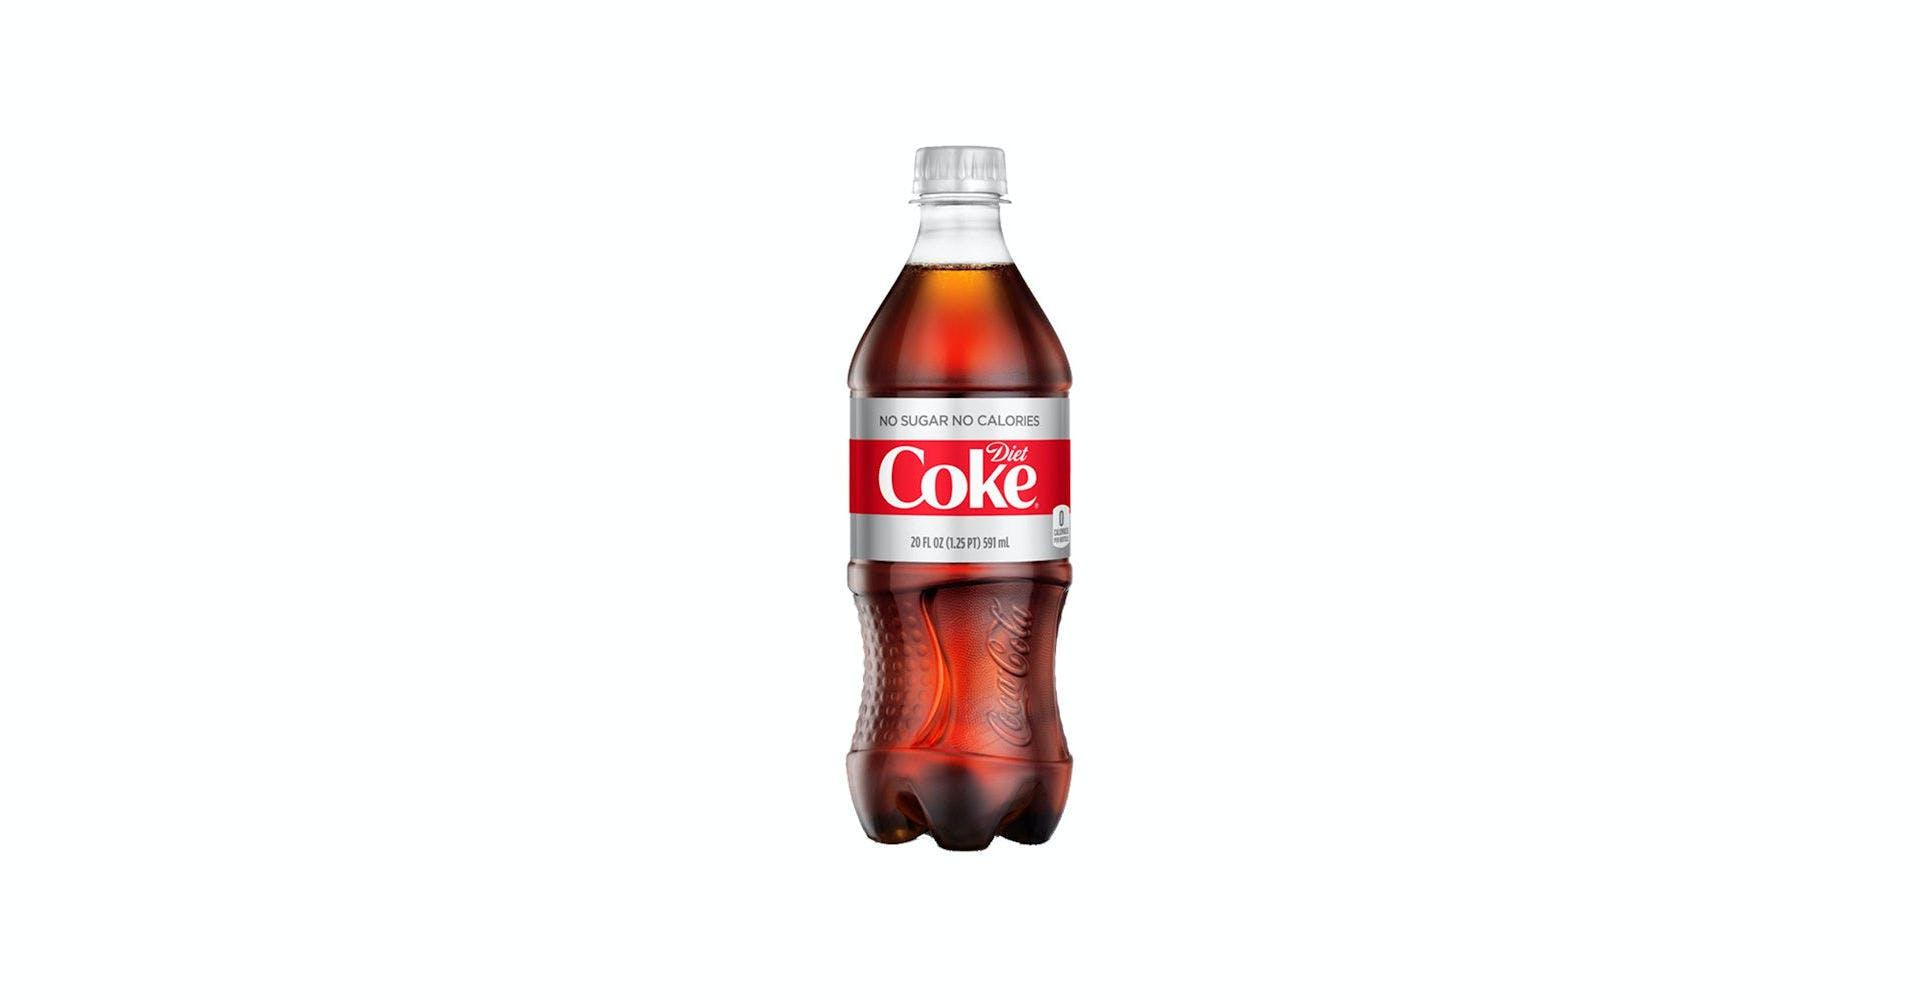 Diet Coke 20oz from Noodles & Company - Oshkosh in Oshkosh, WI